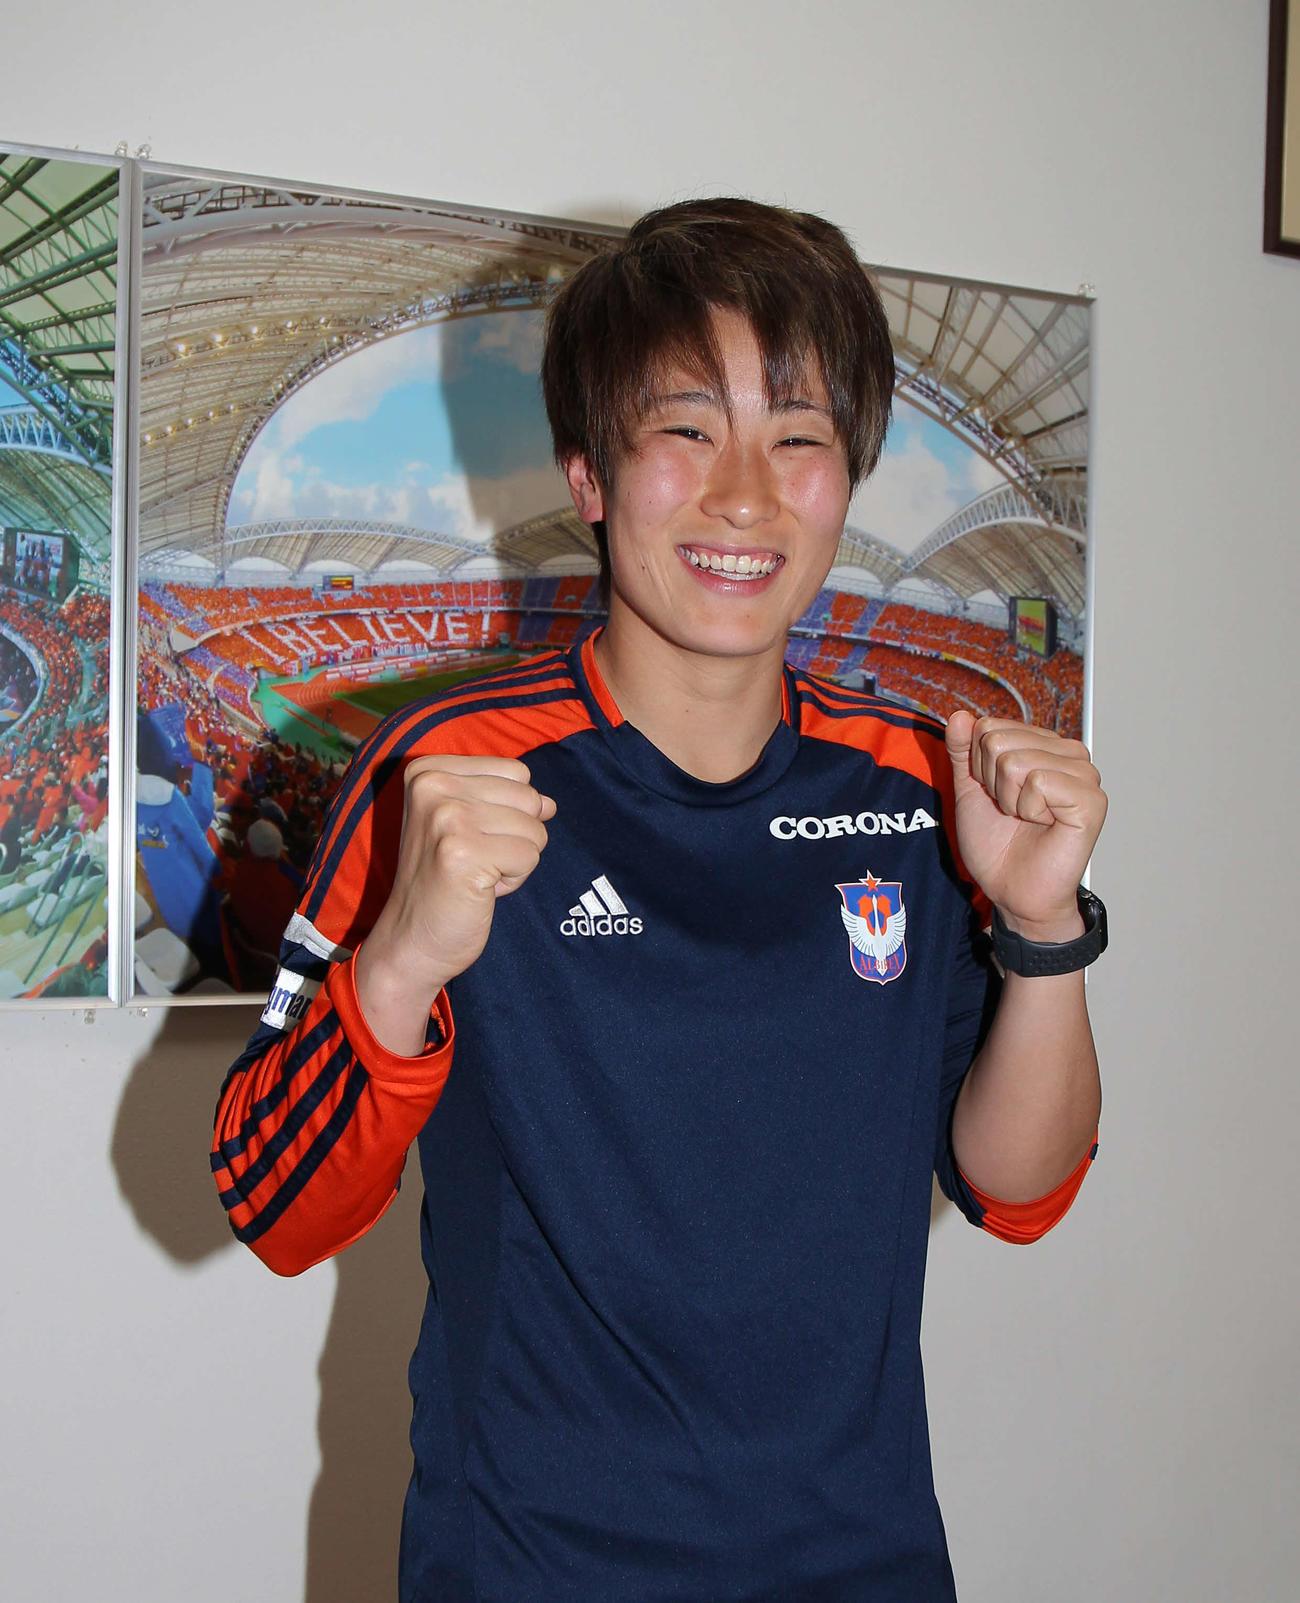 東京五輪の代表入りへ、握りこぶしで気合を入れる新潟のGK平尾